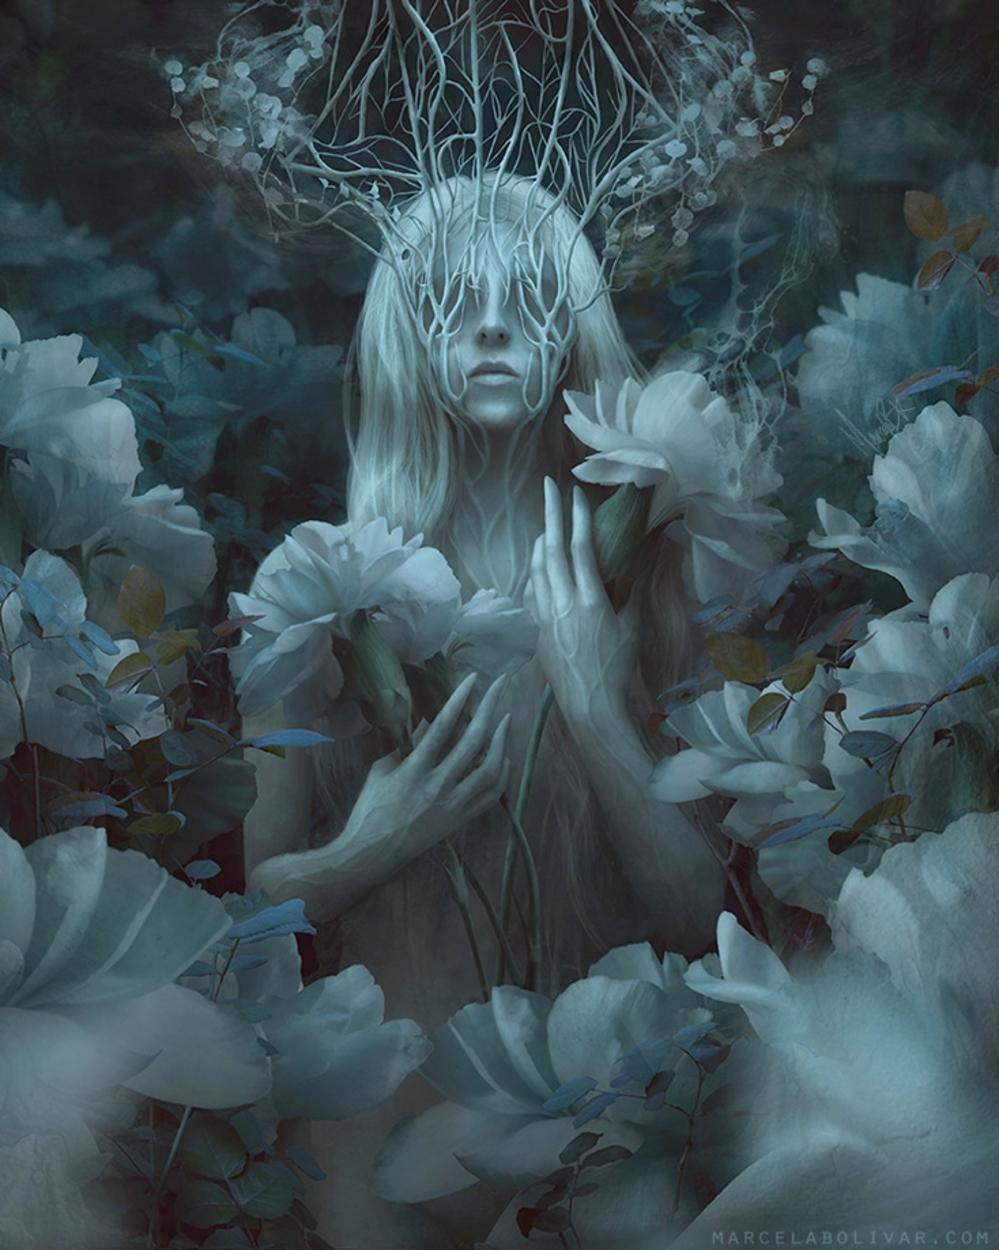 White Crown Artwork by Marcela Bolivar